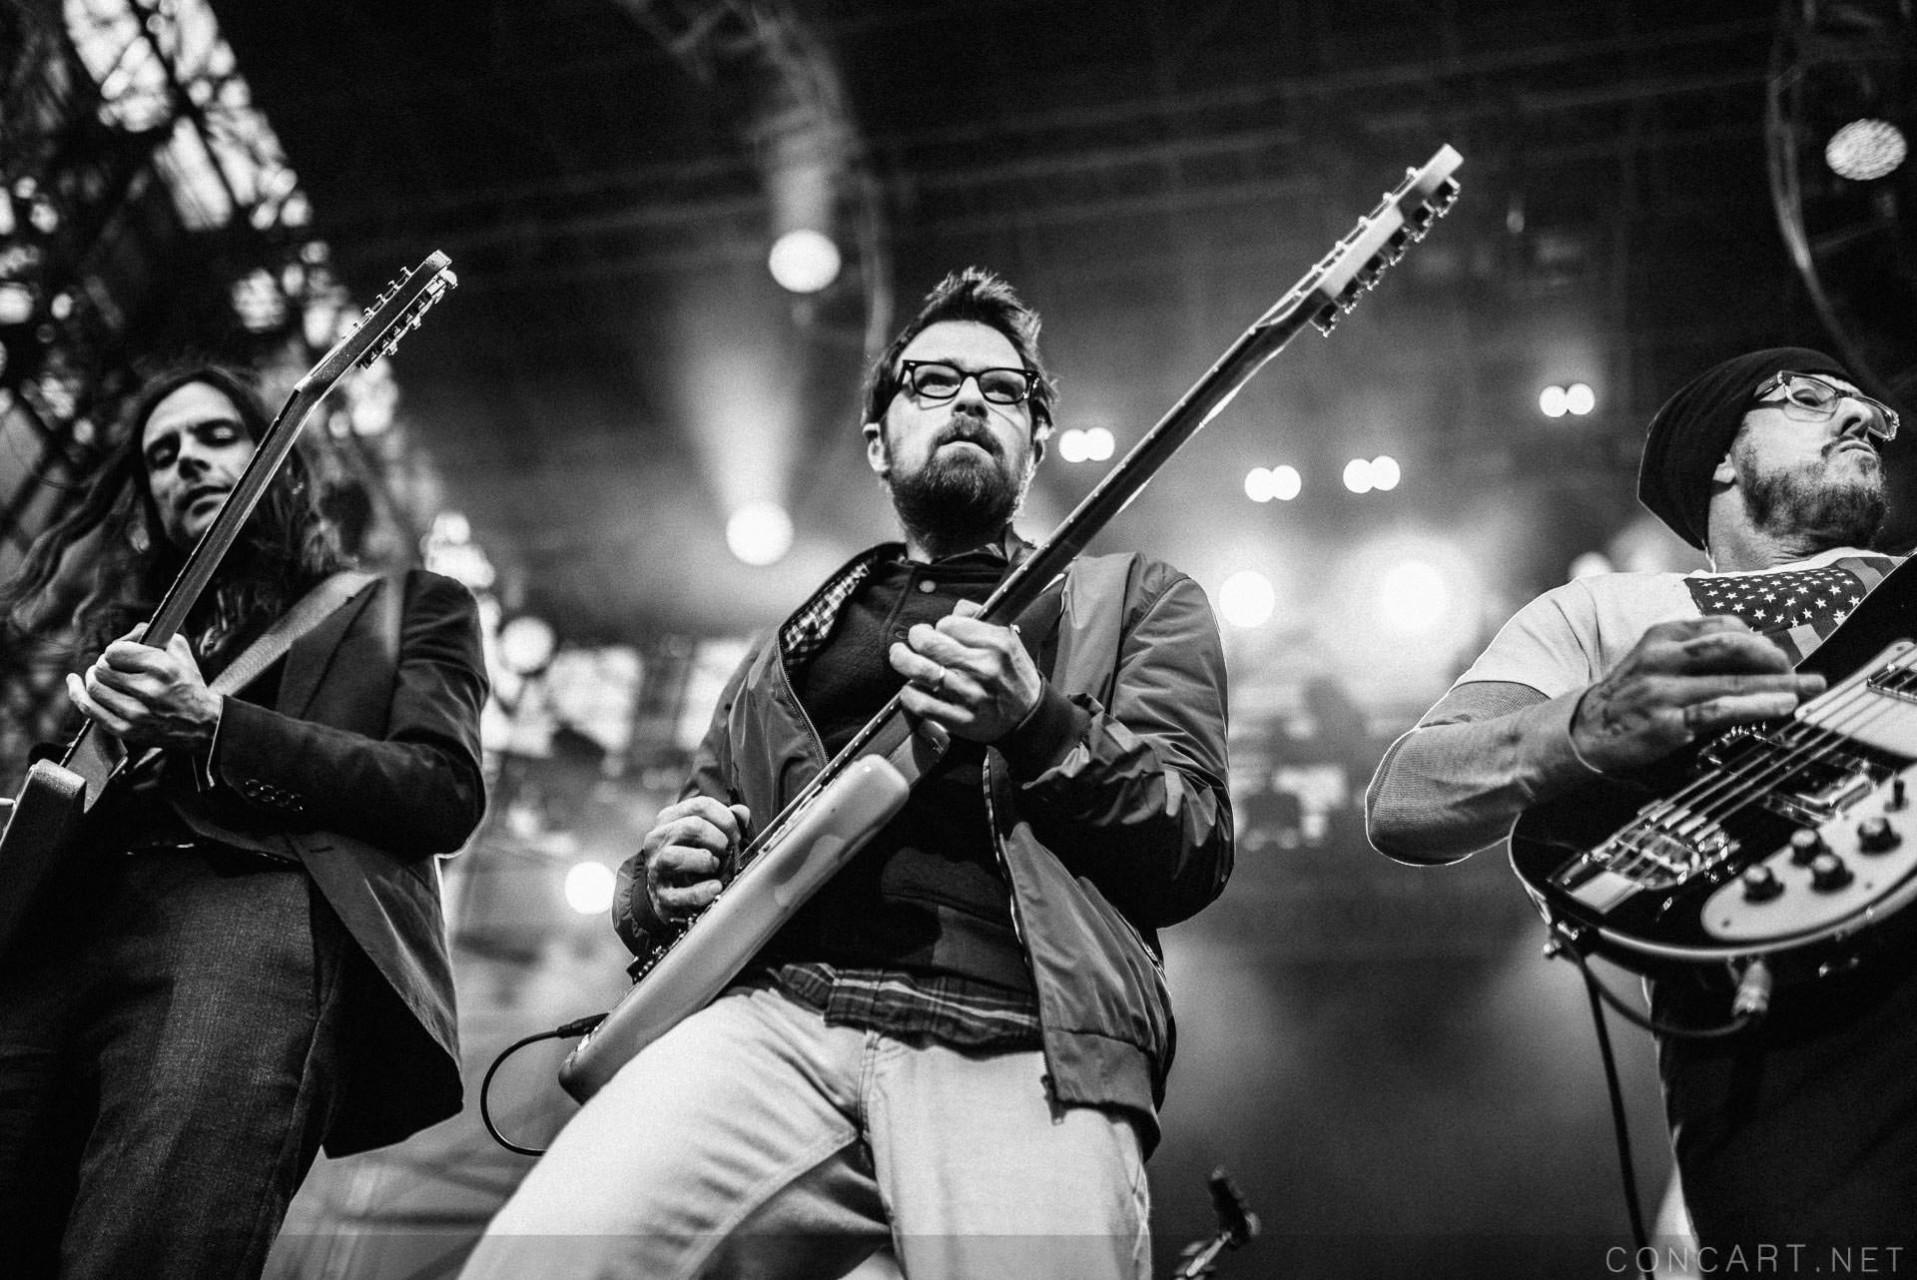 Weezer photo by Sean Molin 4